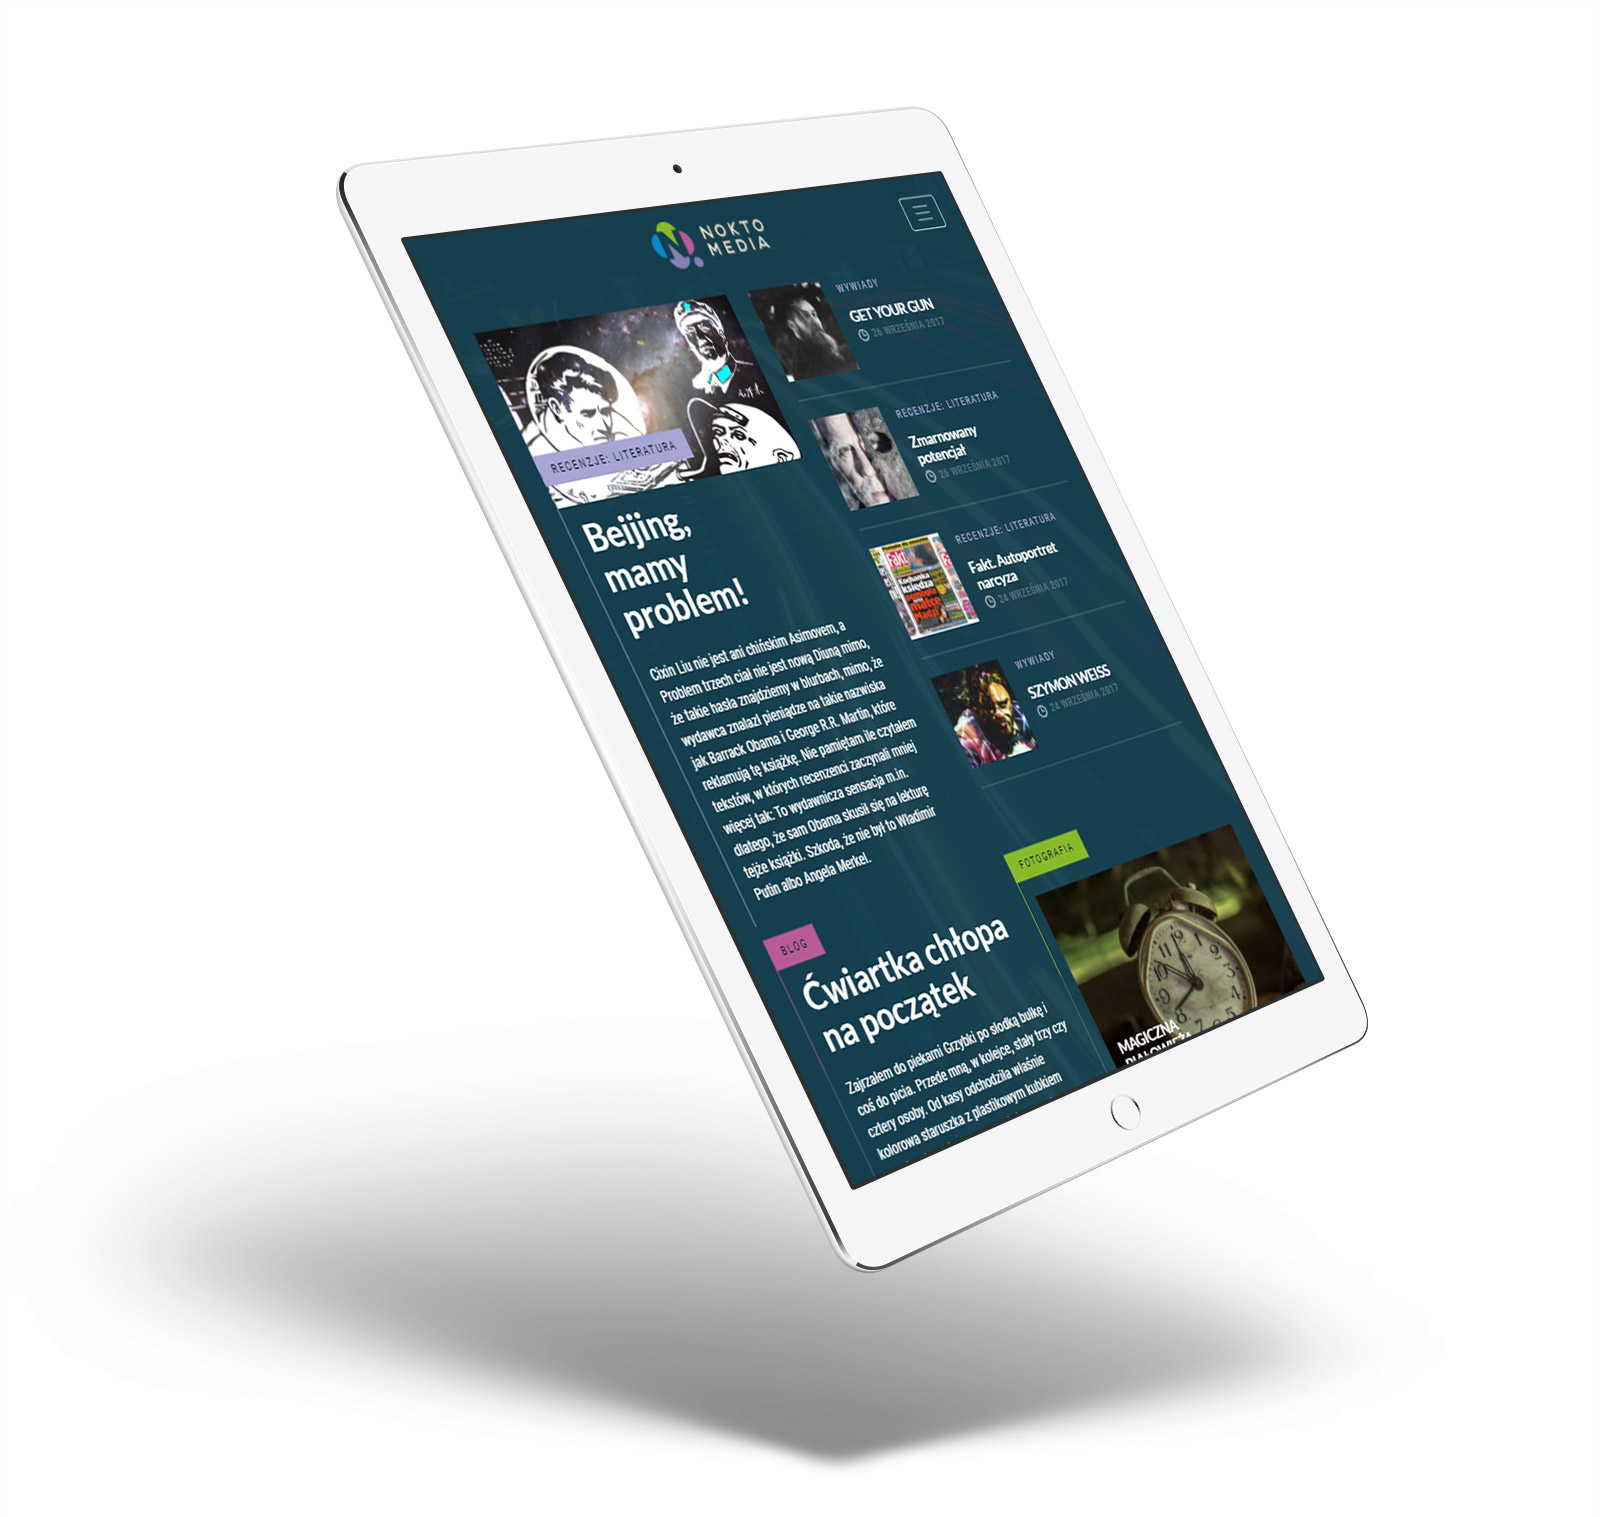 Noktomedia - nowoczesny serwis publicystyczny: recenzje książek, muzyki, filmów. Publicystyka, fotorelacje, media